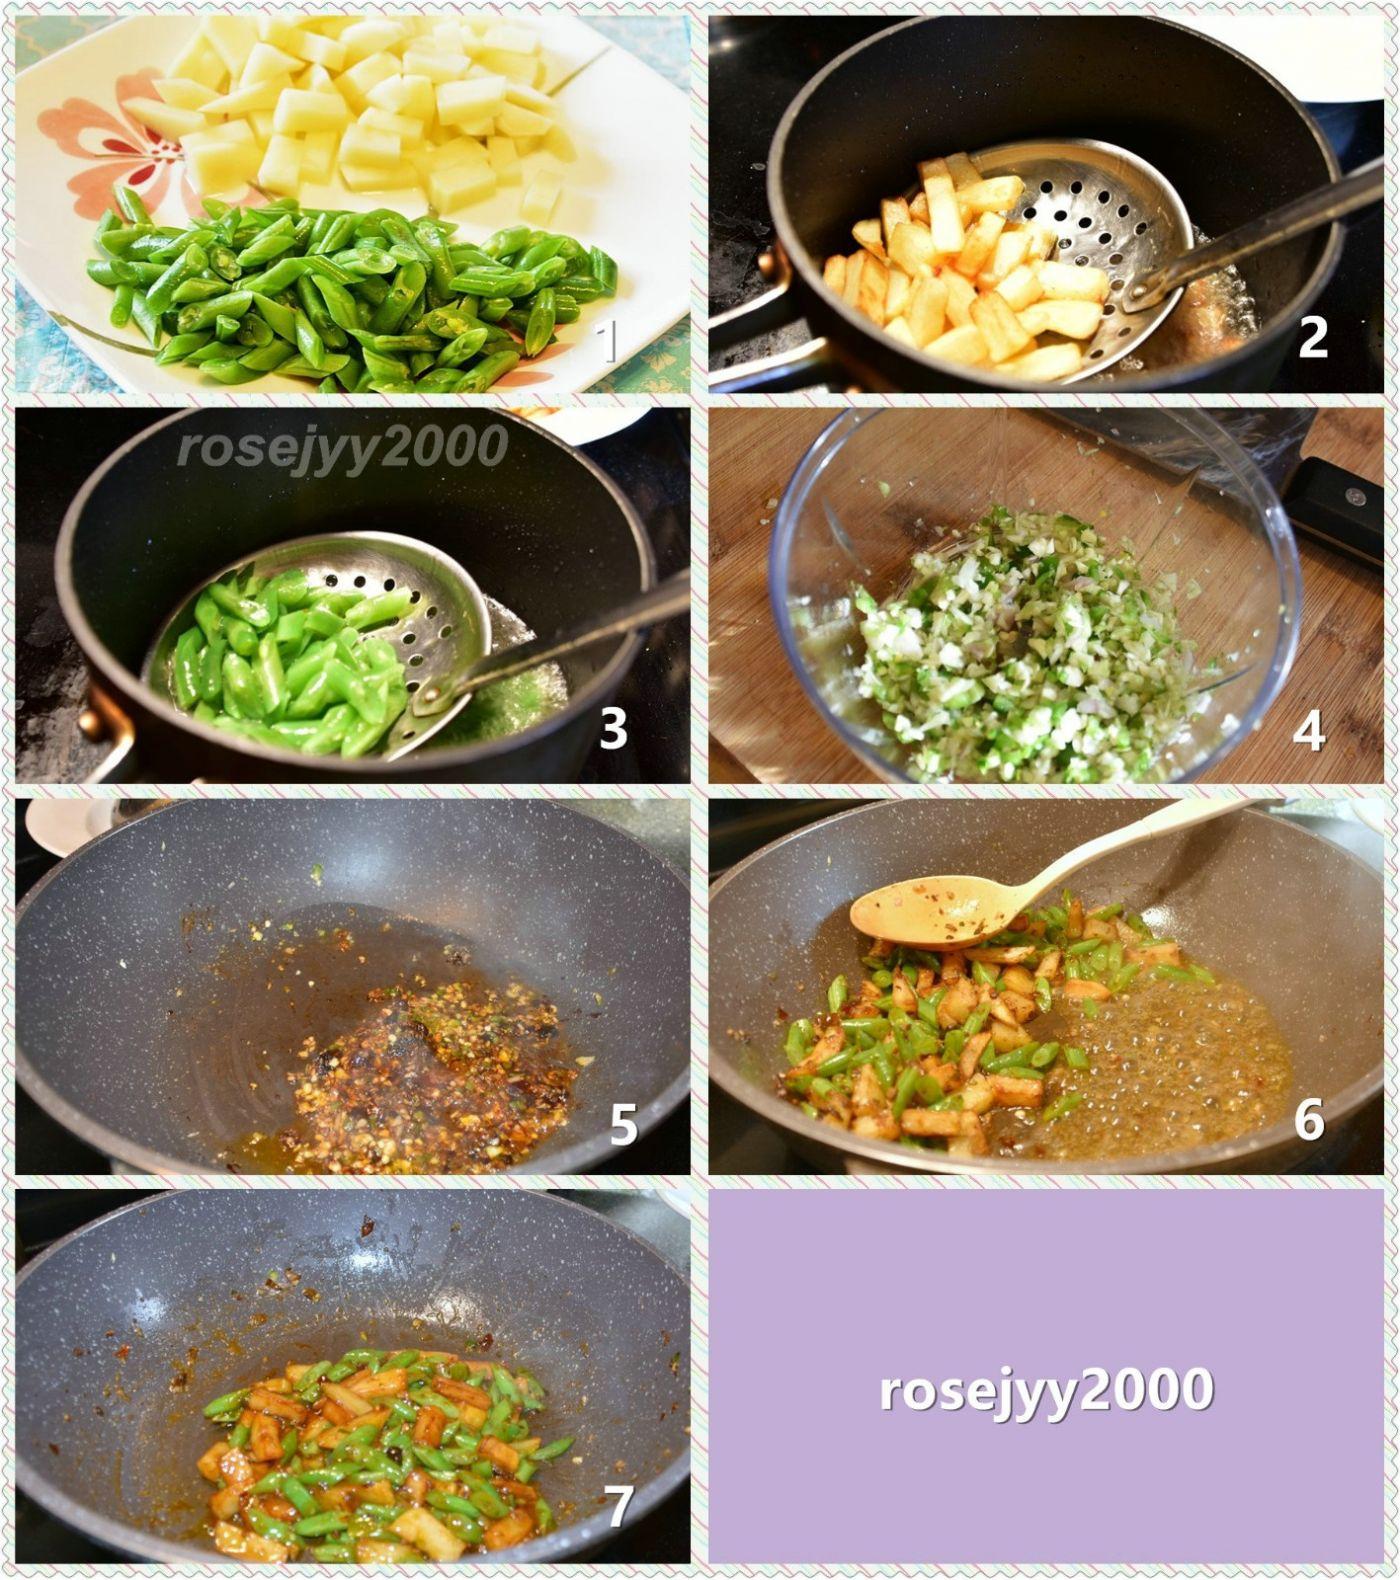 酱香土豆四季豆_图1-2